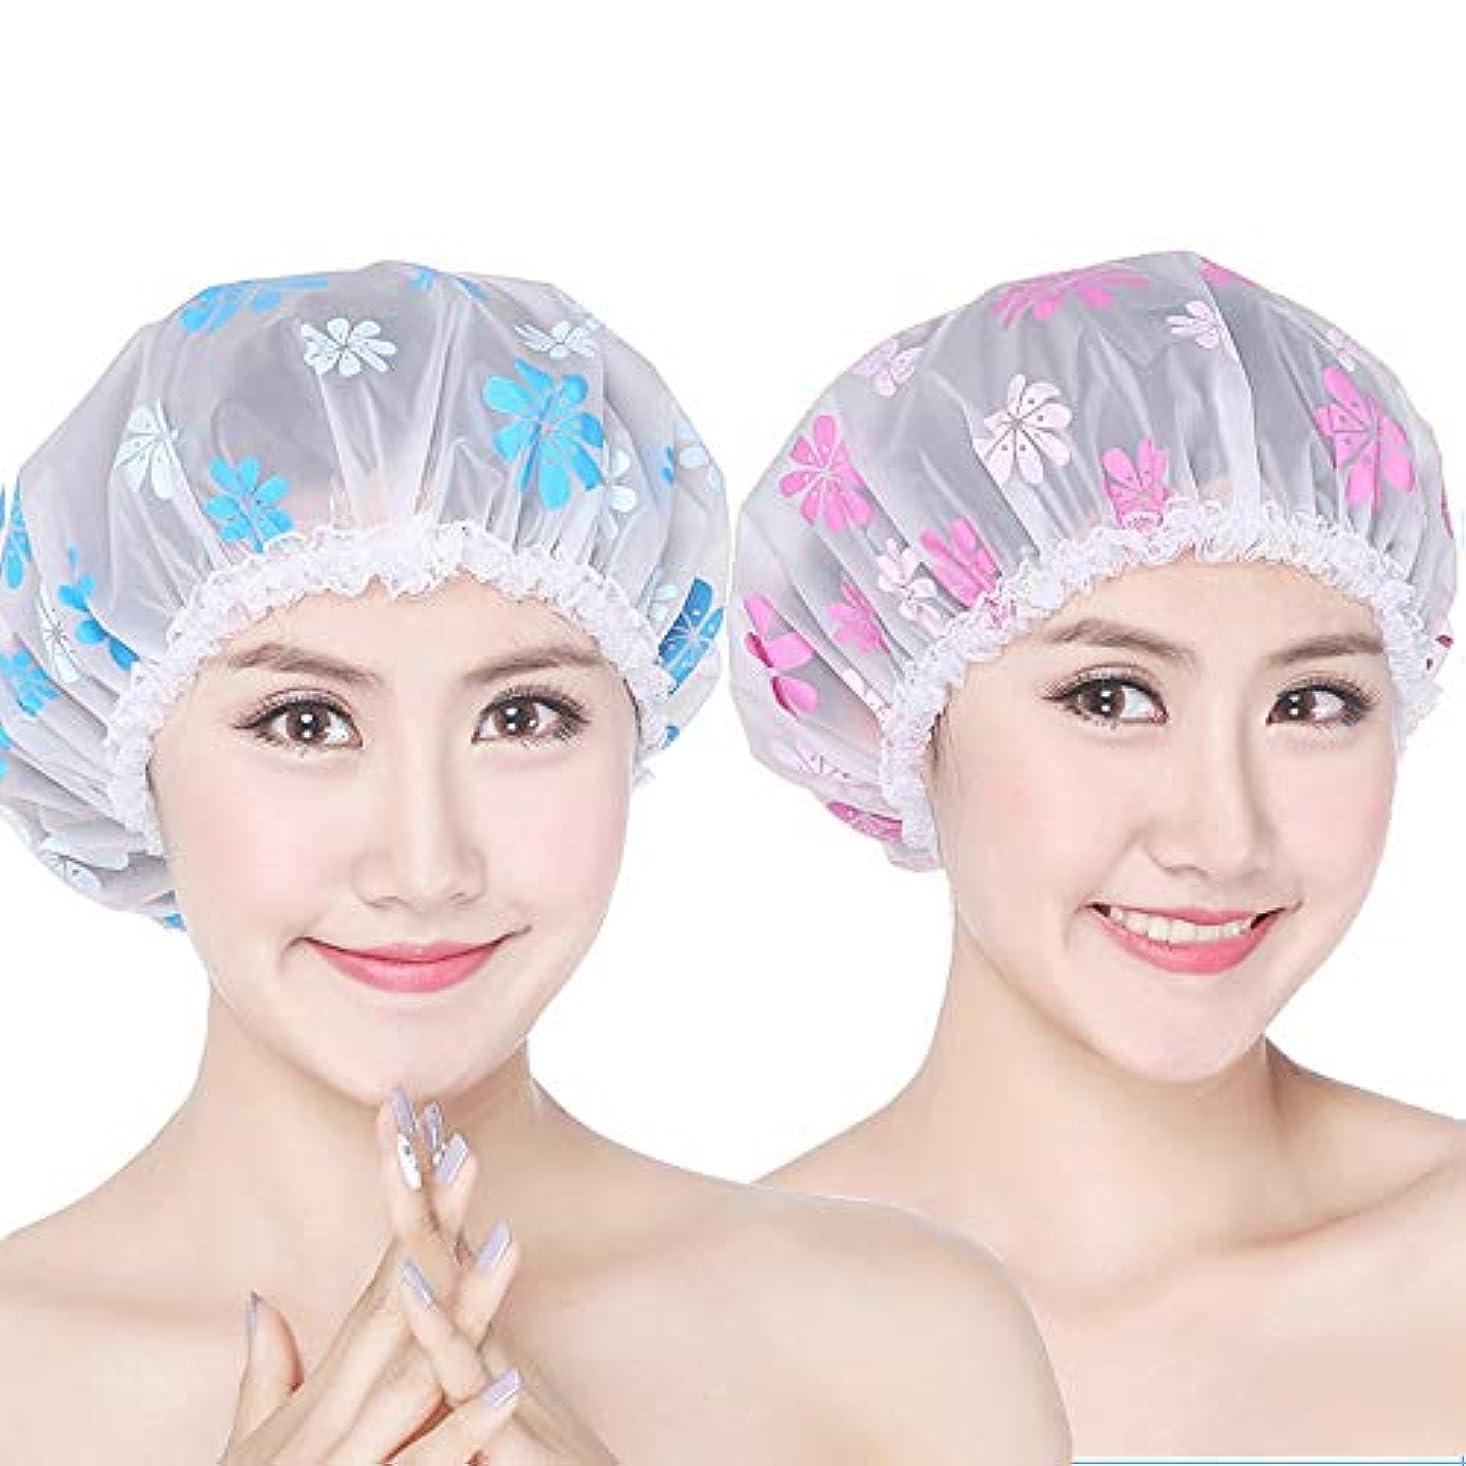 大きい顧問待つTyou 高品質シャワーキャップ バス用品 かわいい シャワーキャップ ヘアキャップ ヘアーキャップ ヘアーターバン 入浴キャップ 帽子 お風呂 シャワー用に 2枚セット